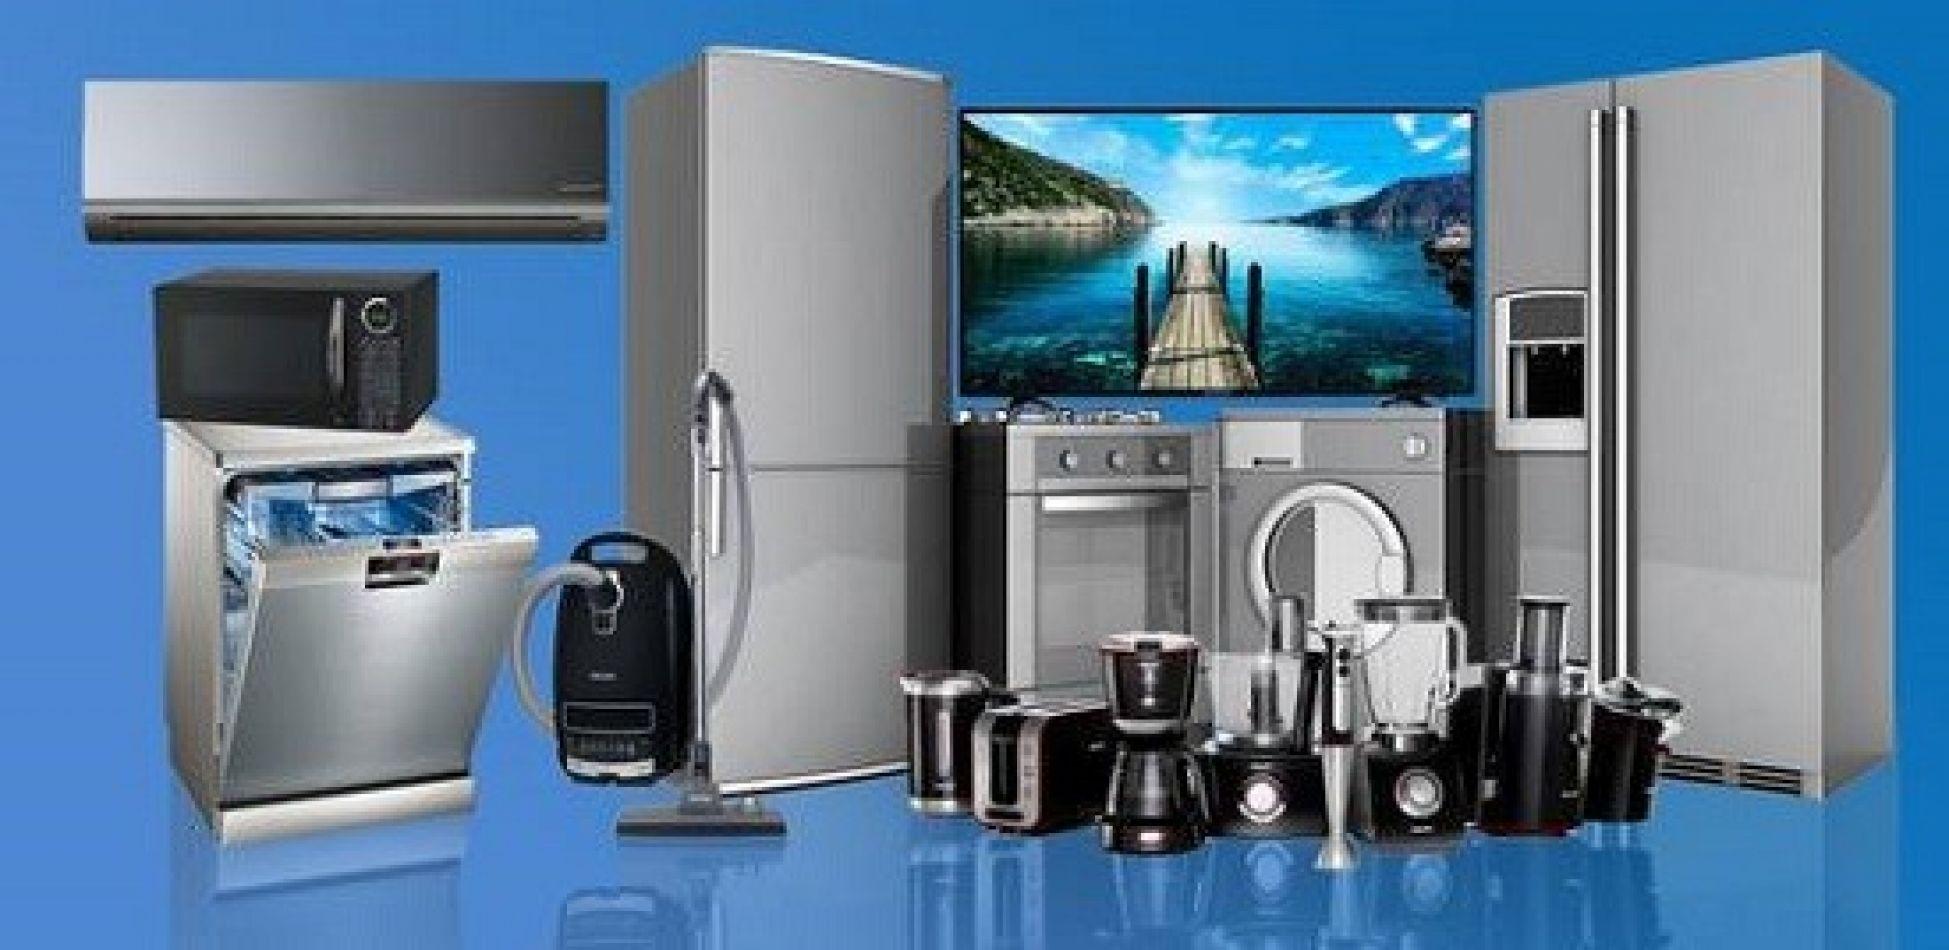 Banco Nación lanza una promoción para la compra de electrodomésticos hasta en 36 cuotas sin interés